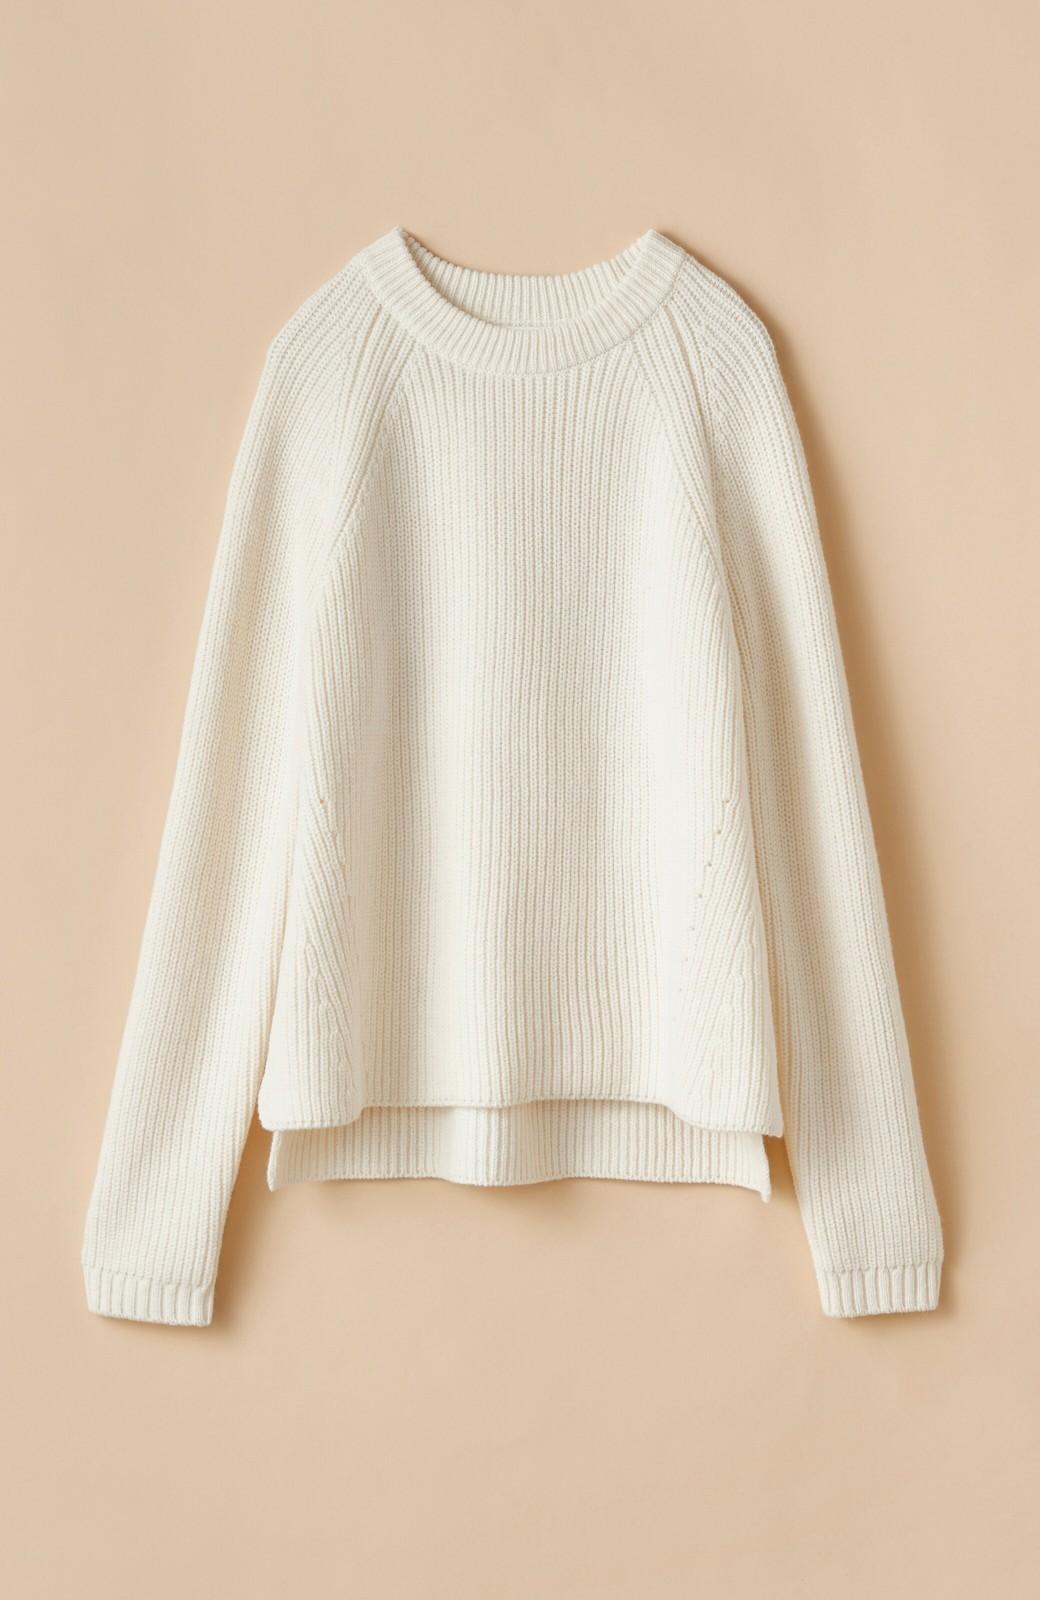 haco! パッと着るだけでバランスよく見える コンパクトシルエットの畦編みニット by que made me <ホワイト>の商品写真2